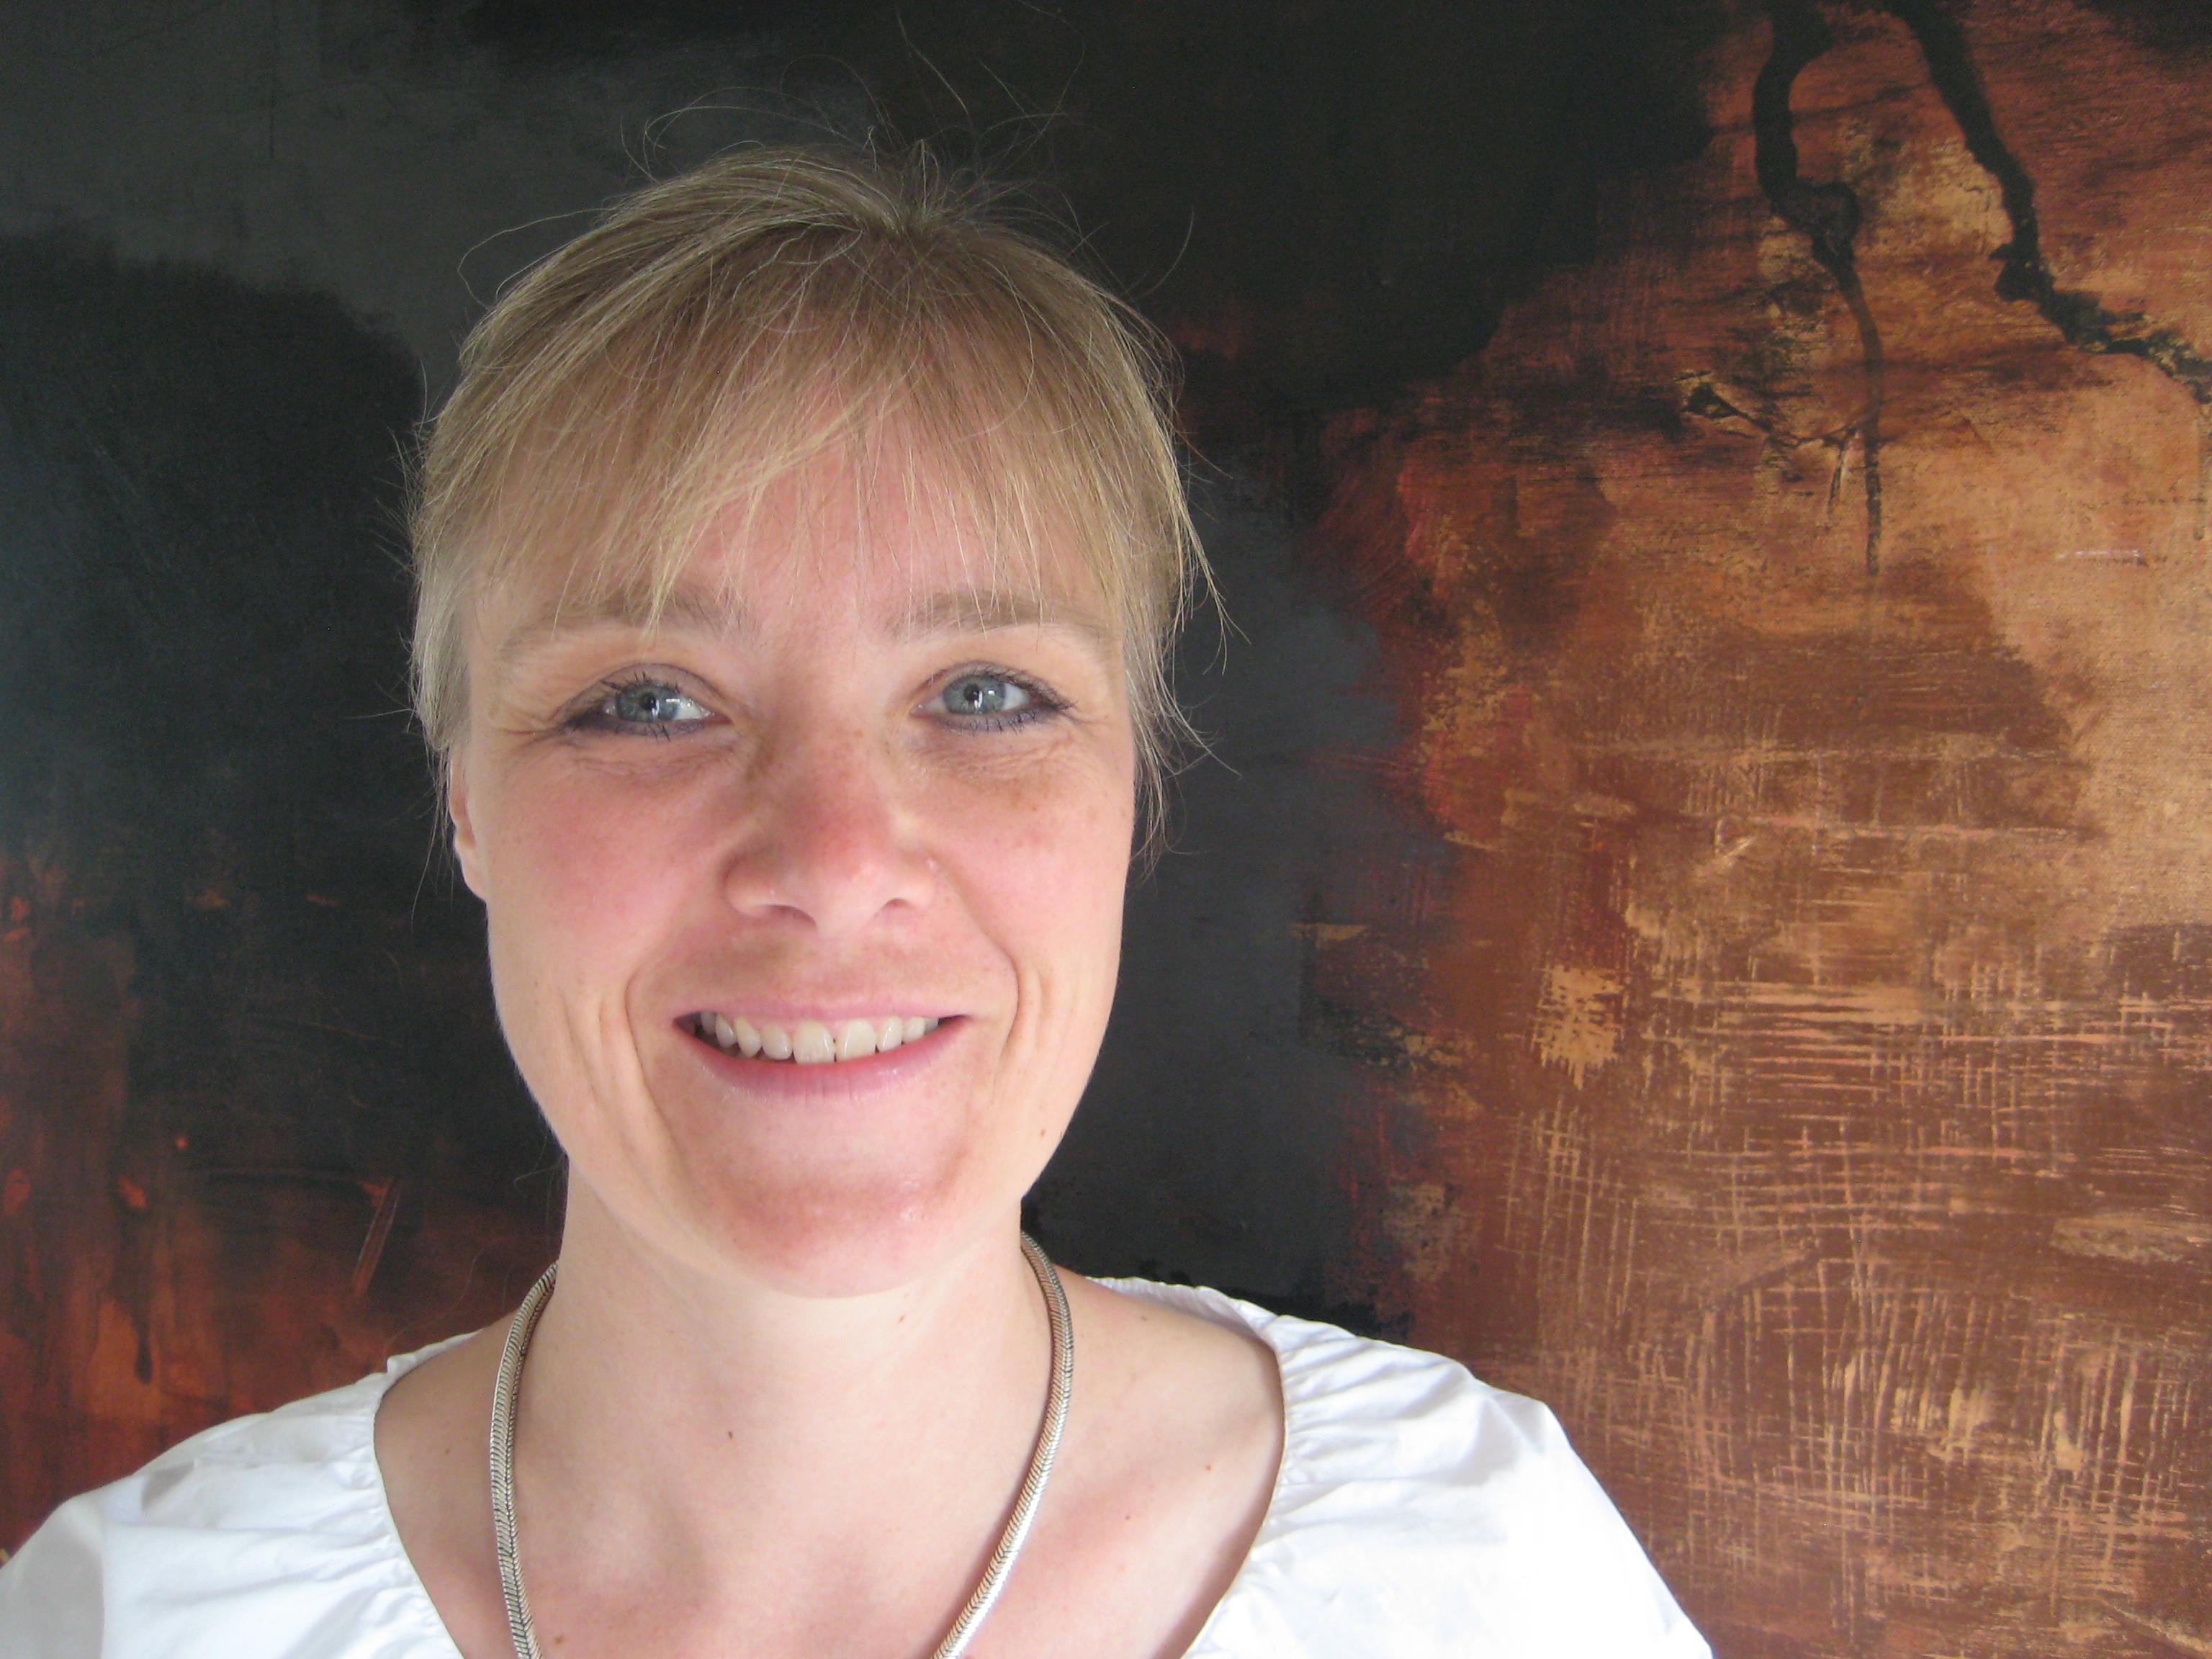 Marianne Glavind-Kristensen